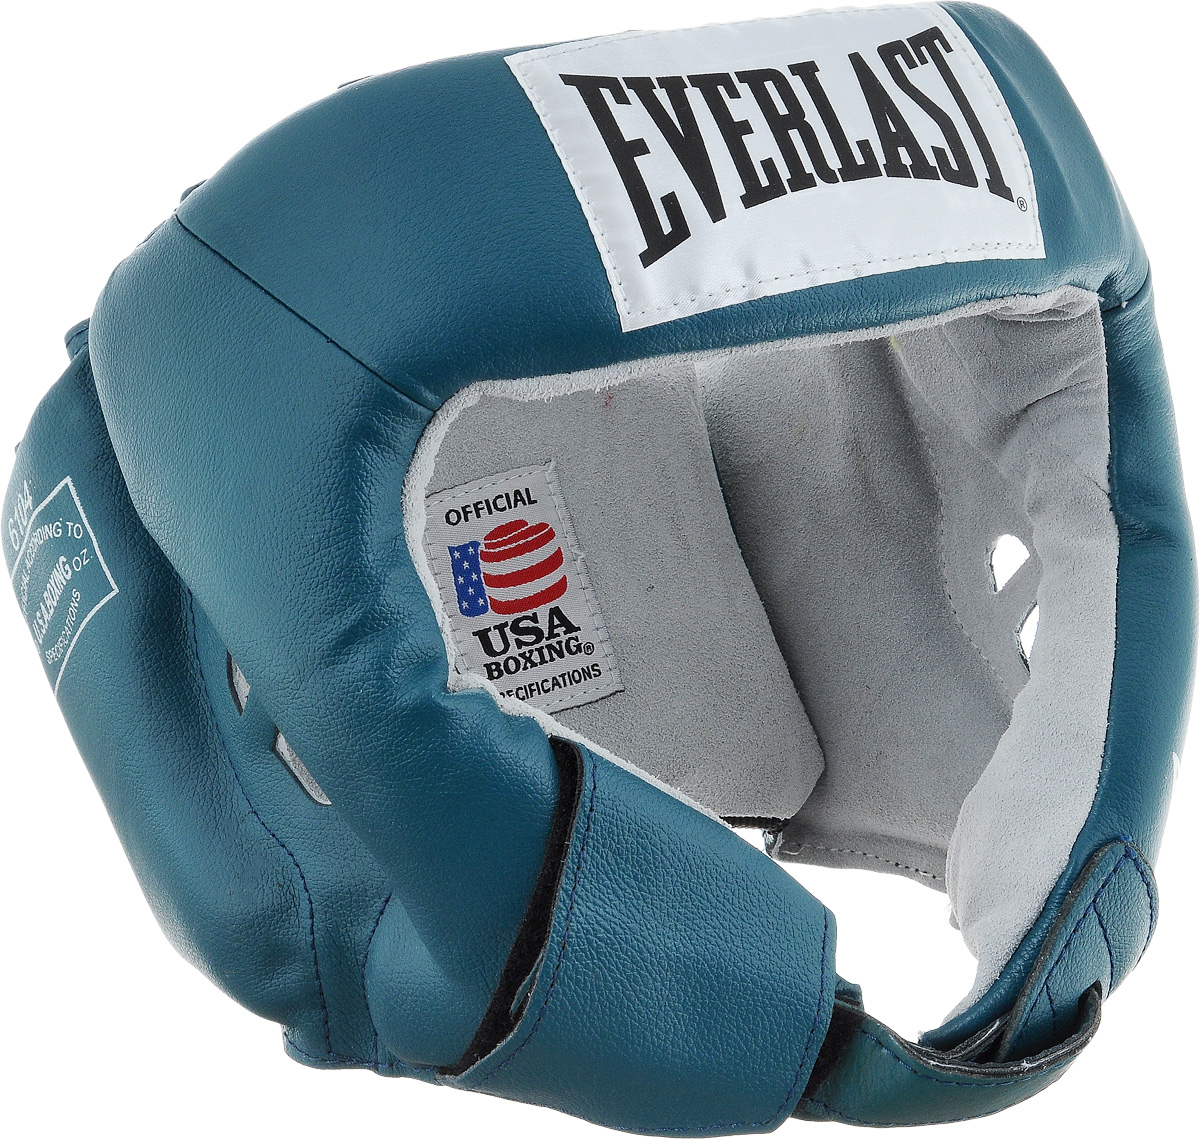 """Everlast """"USA Boxing"""" - боксерский шлем, разработанный для выступления на любительских соревнованиях и одобренный ассоциацией USA Boxing. Плотный четырехслойный пенный наполнитель превосходно амортизирует удары и значительно снижает риск травмы. Качественная натуральная кожа (снаружи) и не менее качественная замша (внутри) обеспечивают значительный запас прочности и отличную износоустойчивость. Подгонка под необходимый размер и фиксация на голове происходят за счет затягивающихся шнурков.Если вы еще ищите шлем для предстоящих соревнований, то Everlast """"USA Boxing"""" - это ваш выбор!Диаметр головы: 18 см."""